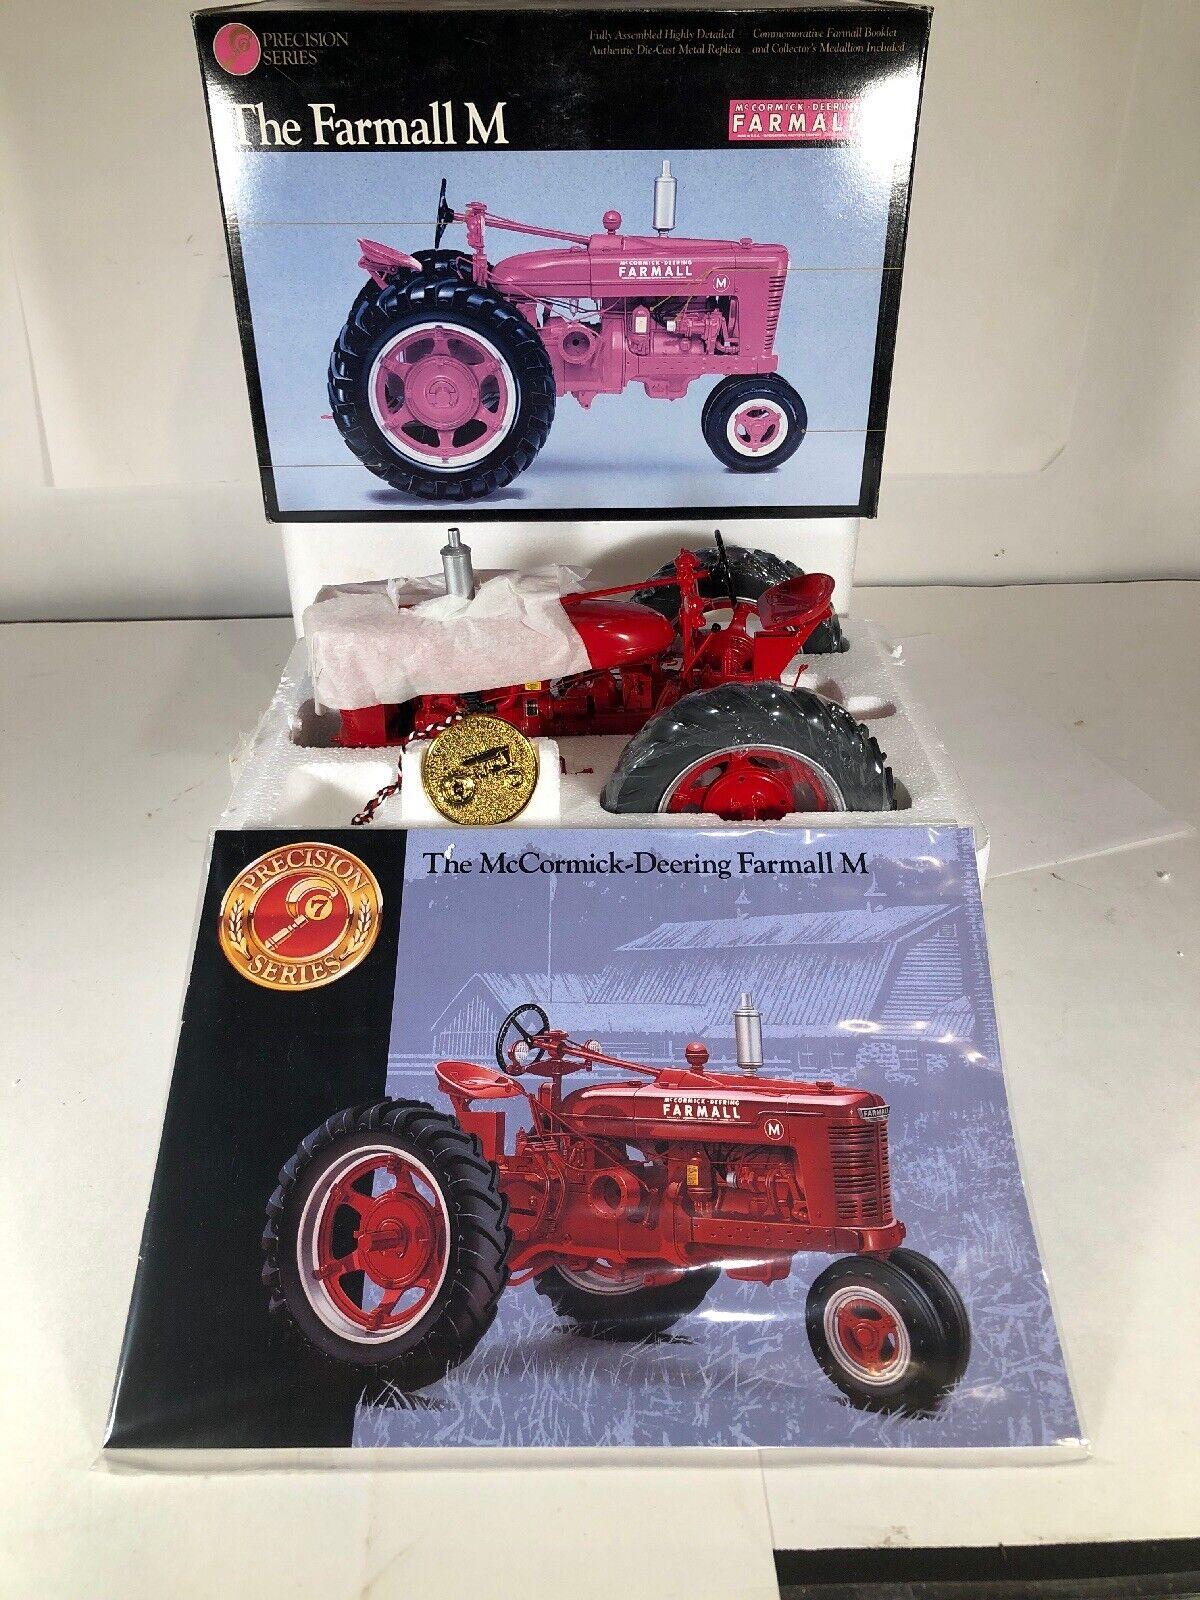 precios razonables Nuevo Ertl Escala Escala Escala 1 16 de precisión Tractor Farmall M Juguete de Granja-nos  Entrega rápida y envío gratis en todos los pedidos.